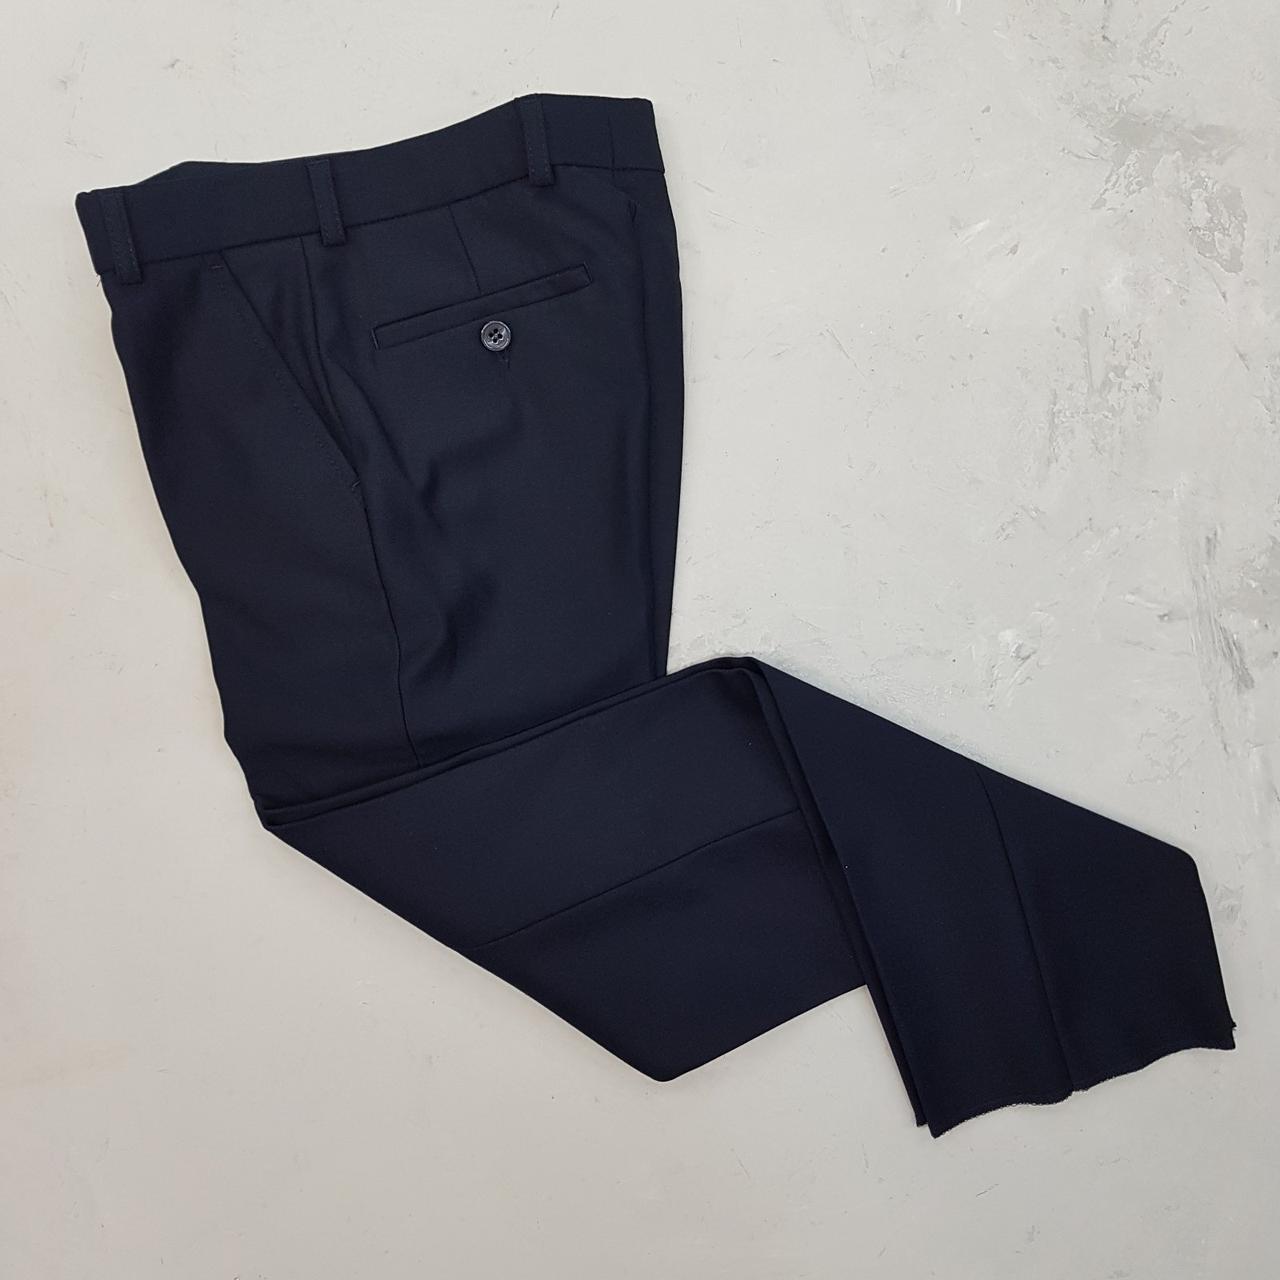 Шкільні штани утеплені Mark P024 для хлопчика